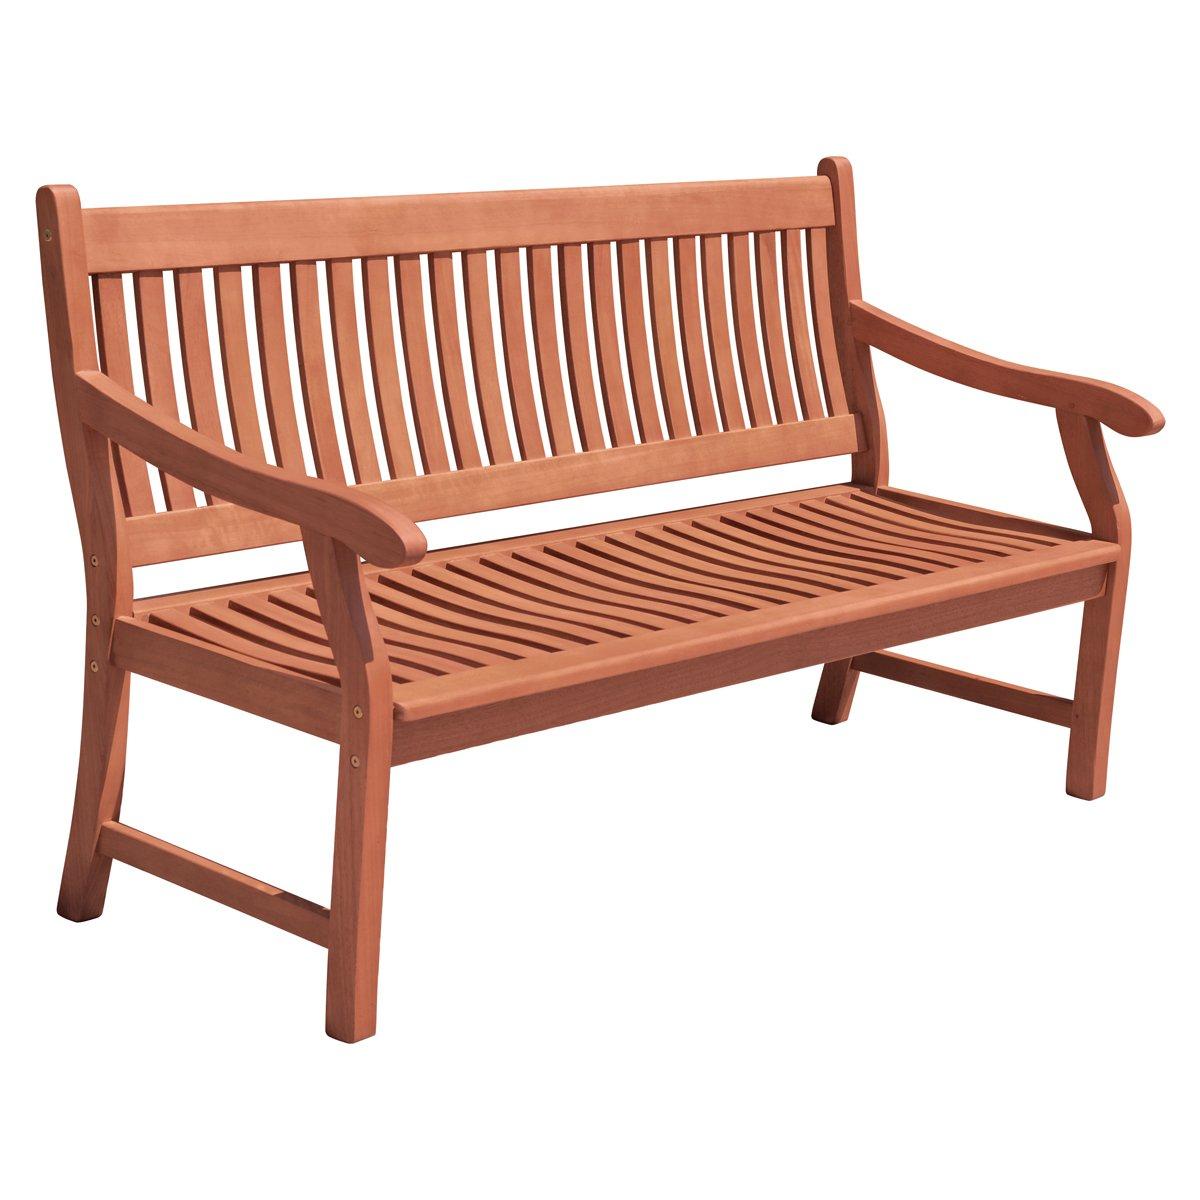 3-Sitzer Gartenbank aus geöltem Eukalyptus Sitzbank Holzbank